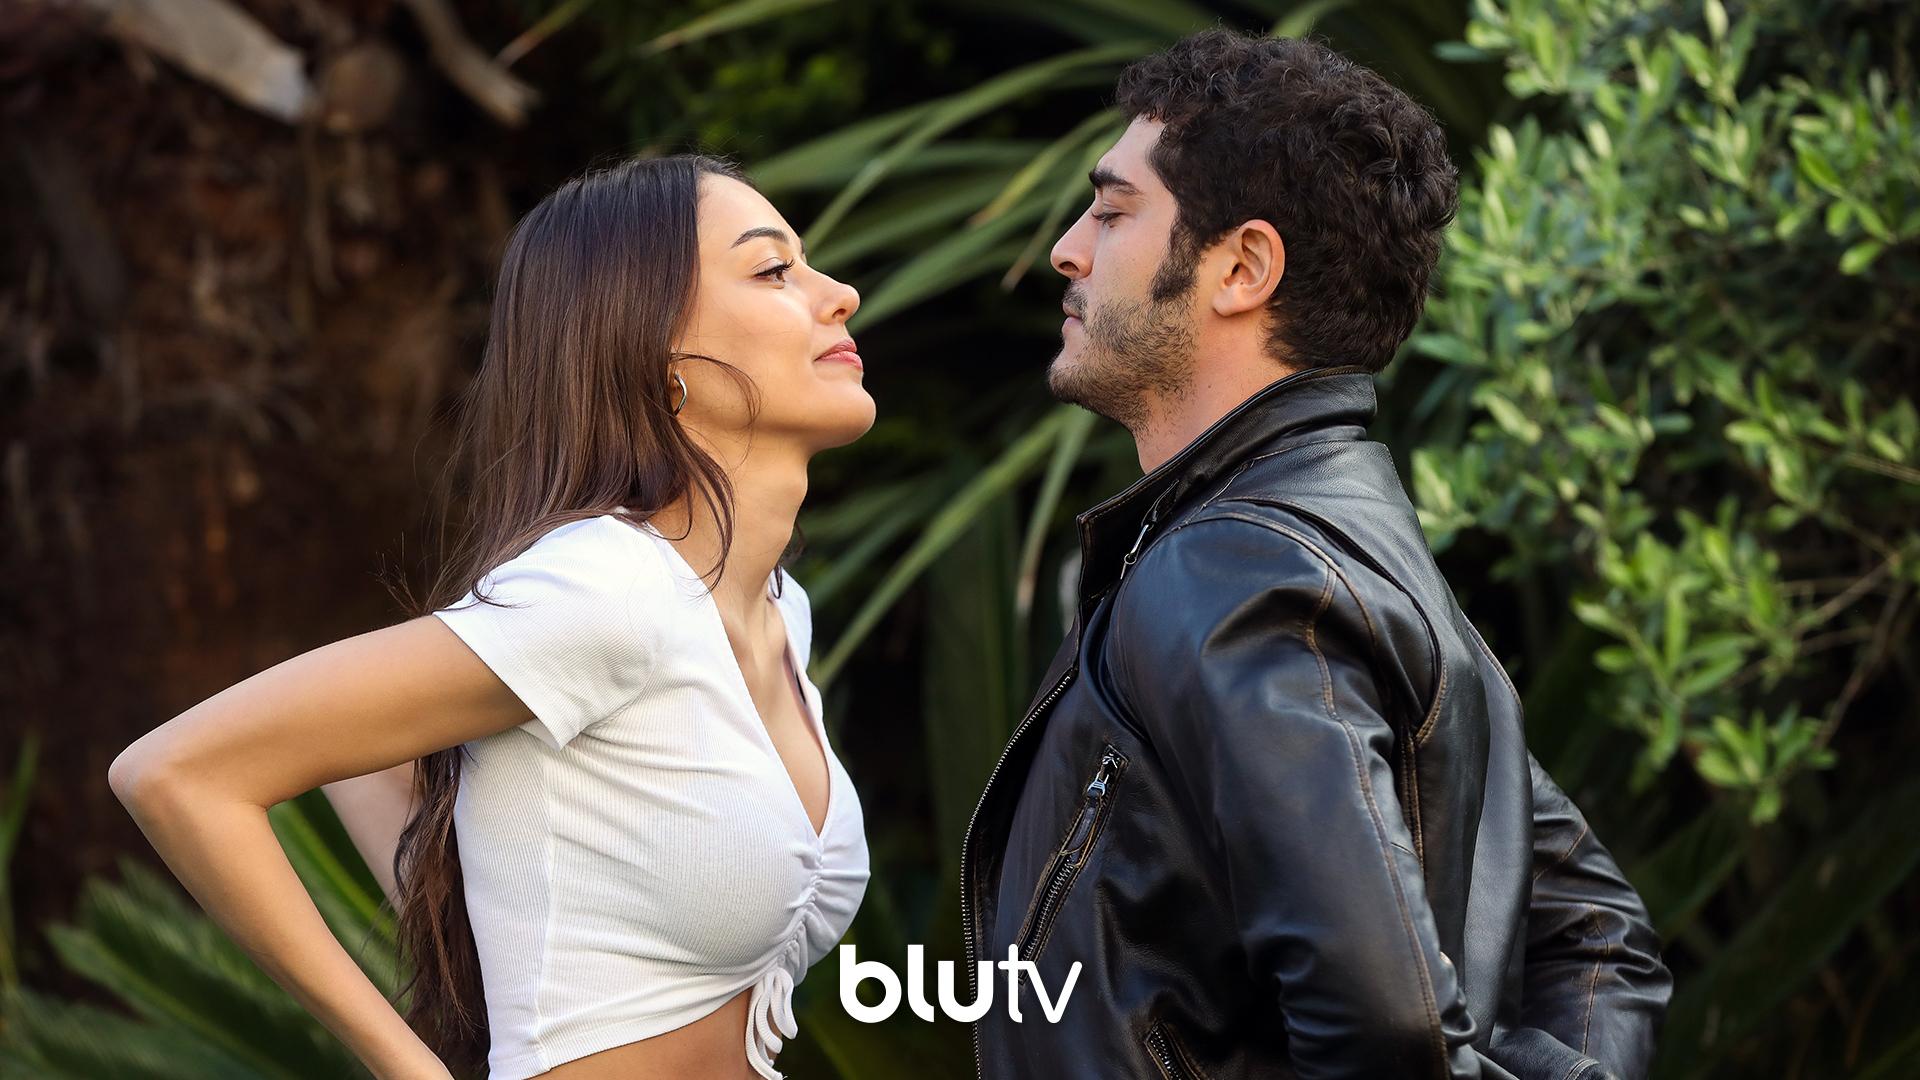 """BluTV on Twitter: """"Dilan Çiçek Deniz & Burak Deniz?? Aşk iki beden arasında mıdır yoksa iki ruh arasında mı? Sorunun cevabı yeni BluTV özel yapımı Yarım Kalan Aşklar'da. #YarımKalanAşklar yakında sadece BluTV'de. @"""